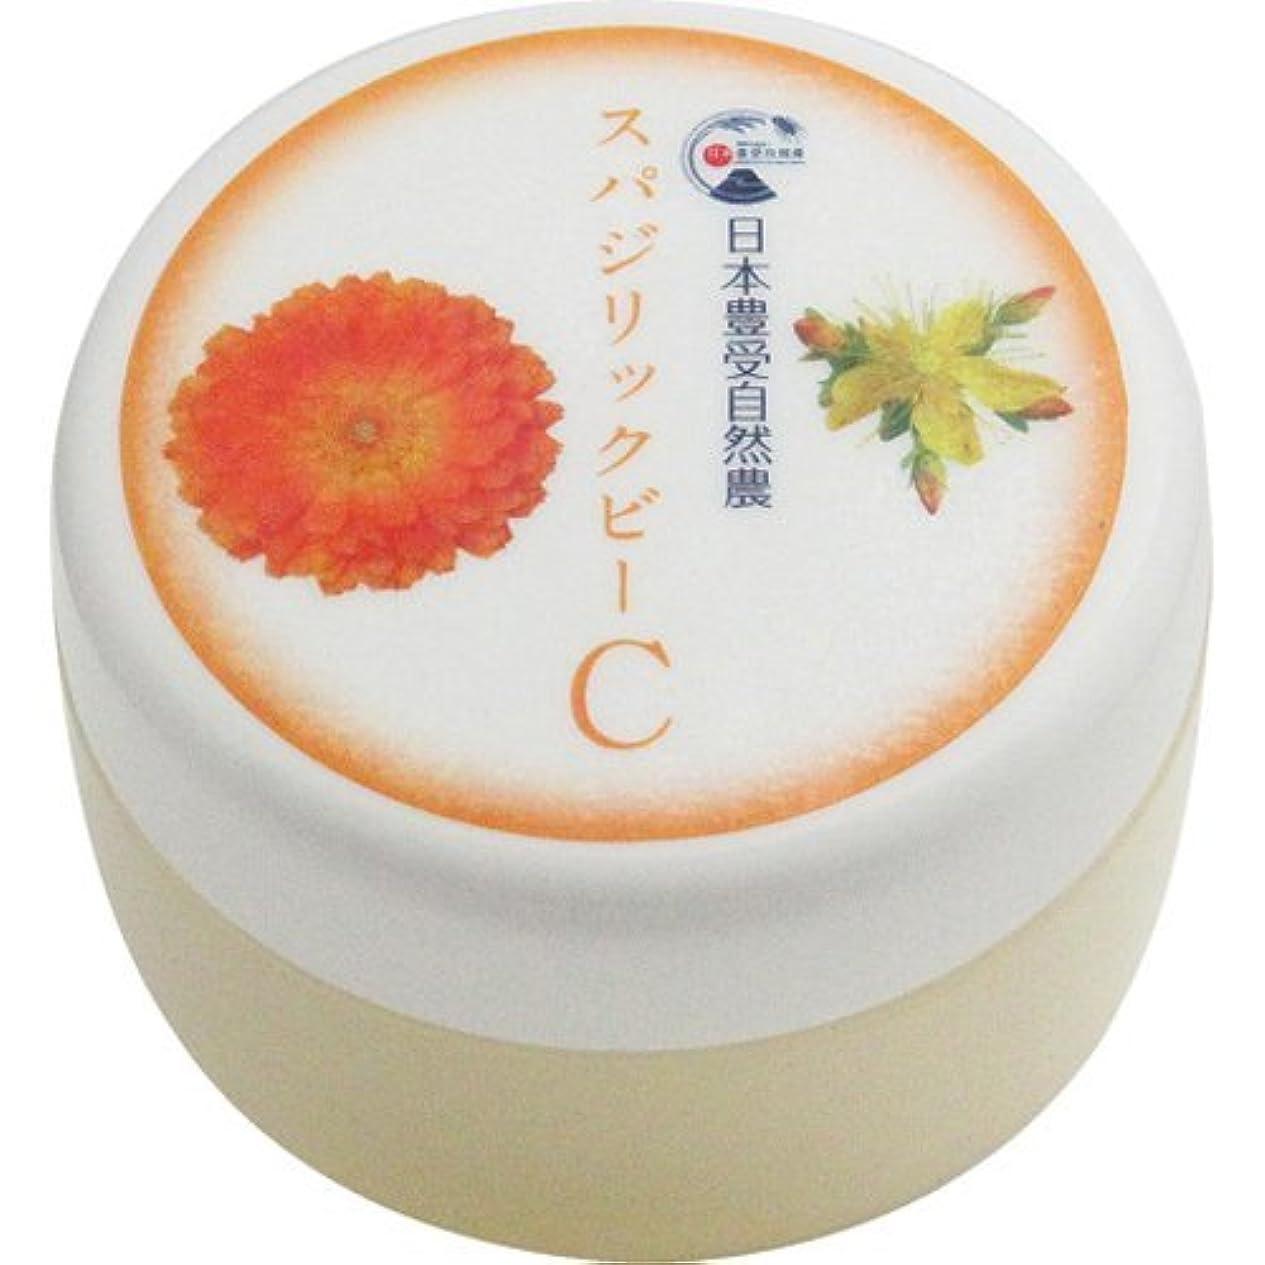 時折花輪葡萄日本豊受自然農 スパジリック ビーC(小) 10g